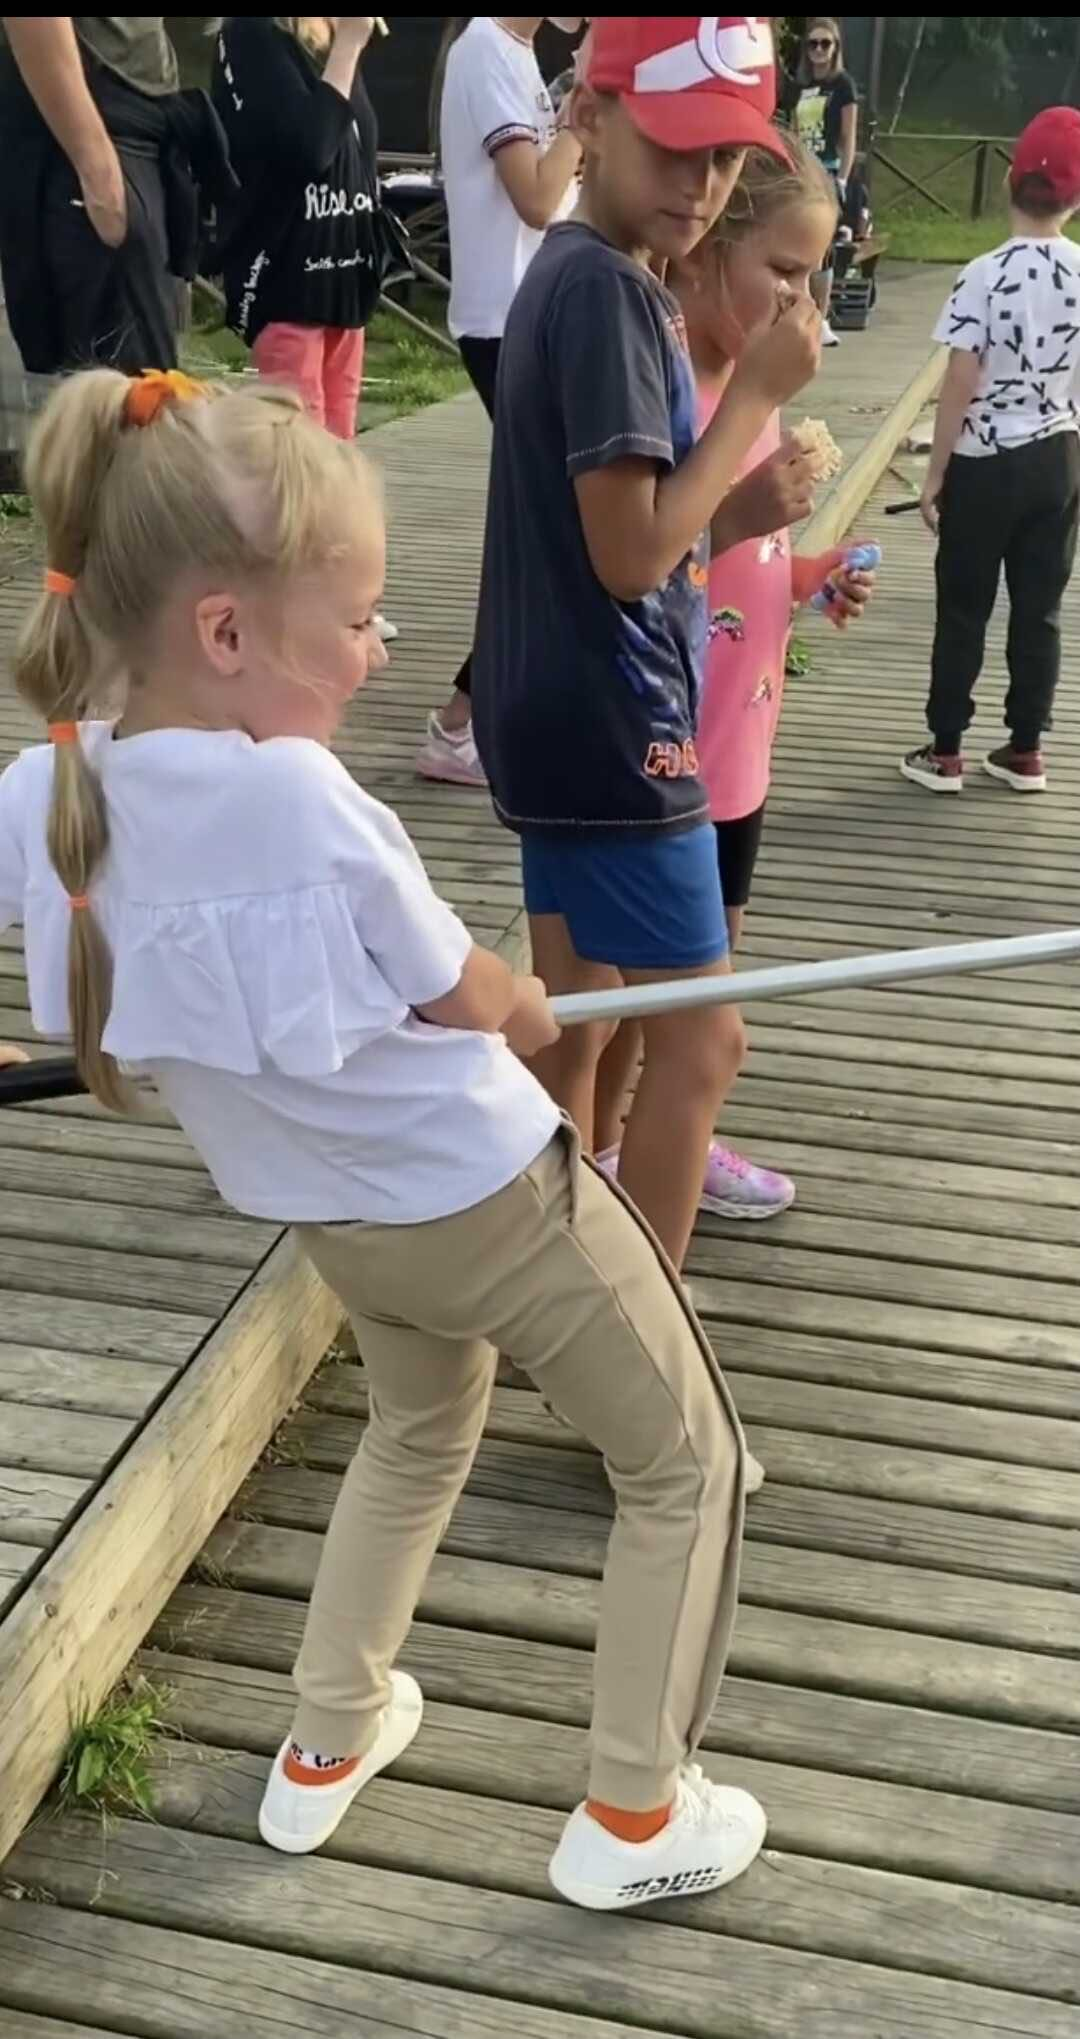 Алла Пугачева в ярких брюках и модном худи отправилась на рыбалку с семьей